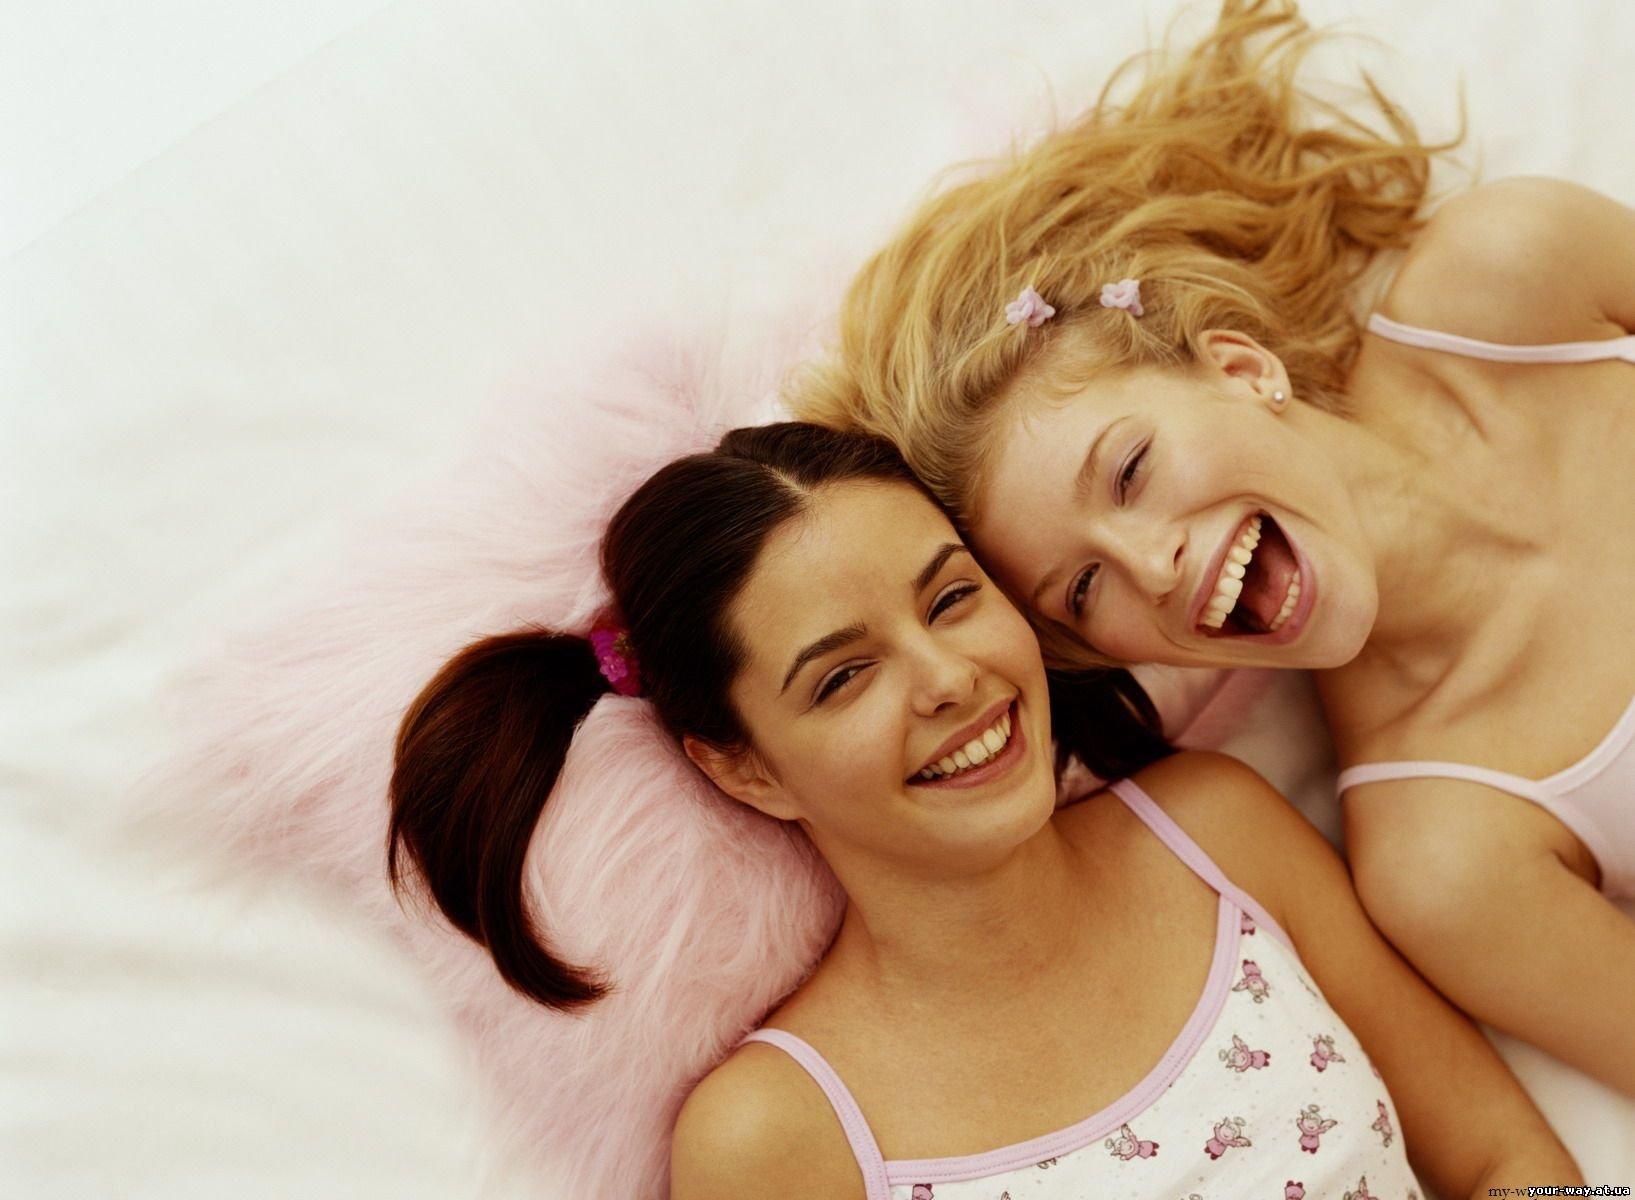 Статусы на фото две девушки